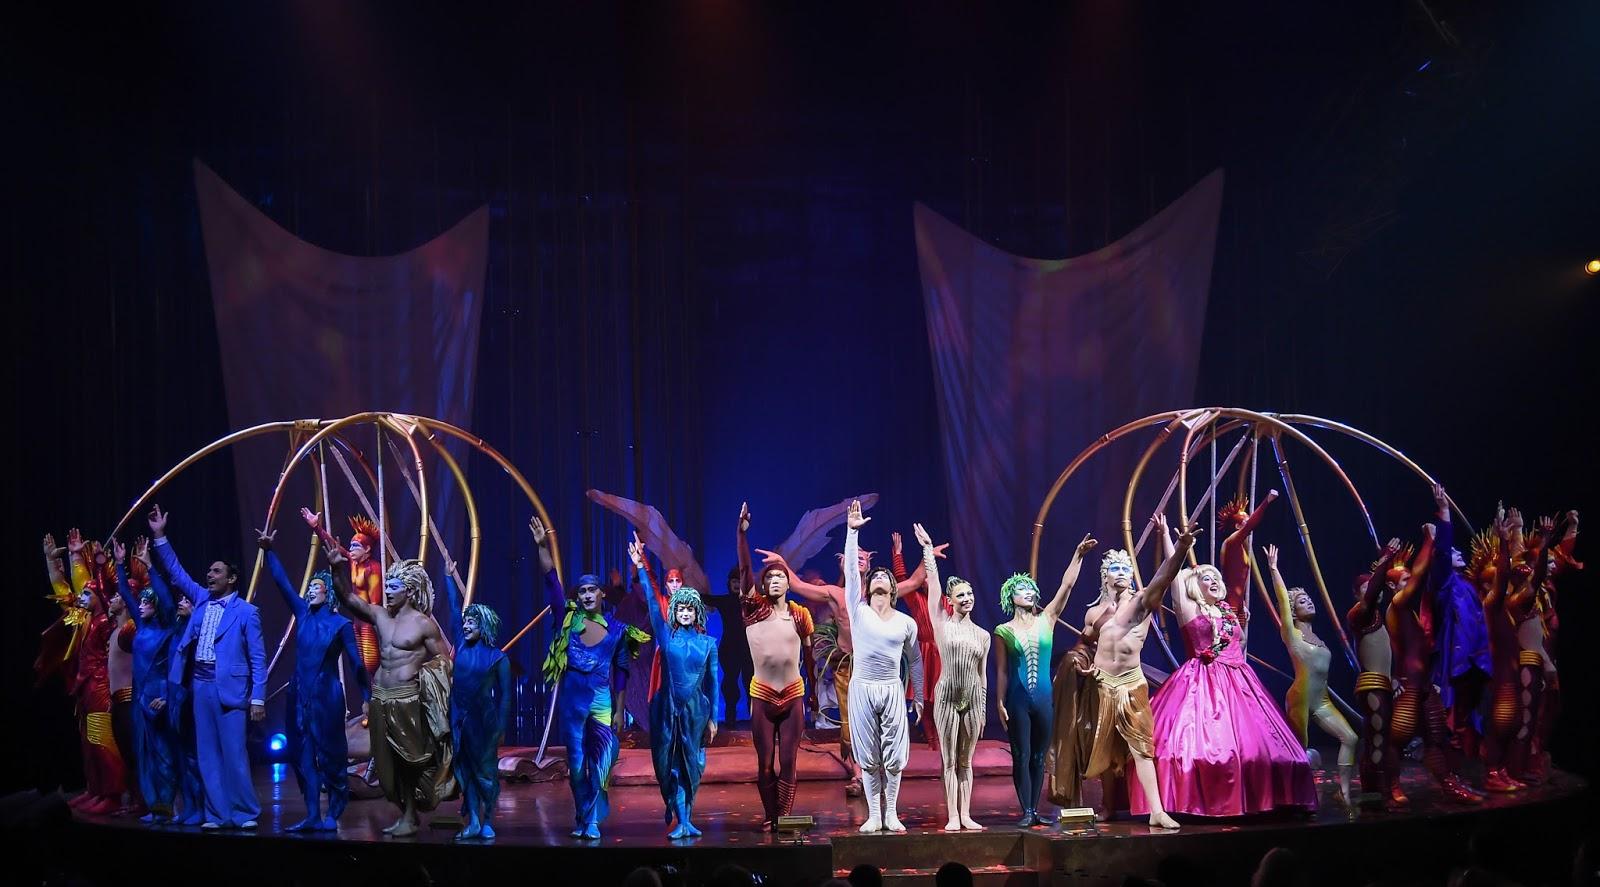 Cirque du Soleil Varekai | Newcastle Review & Tickets  - Full cast picture